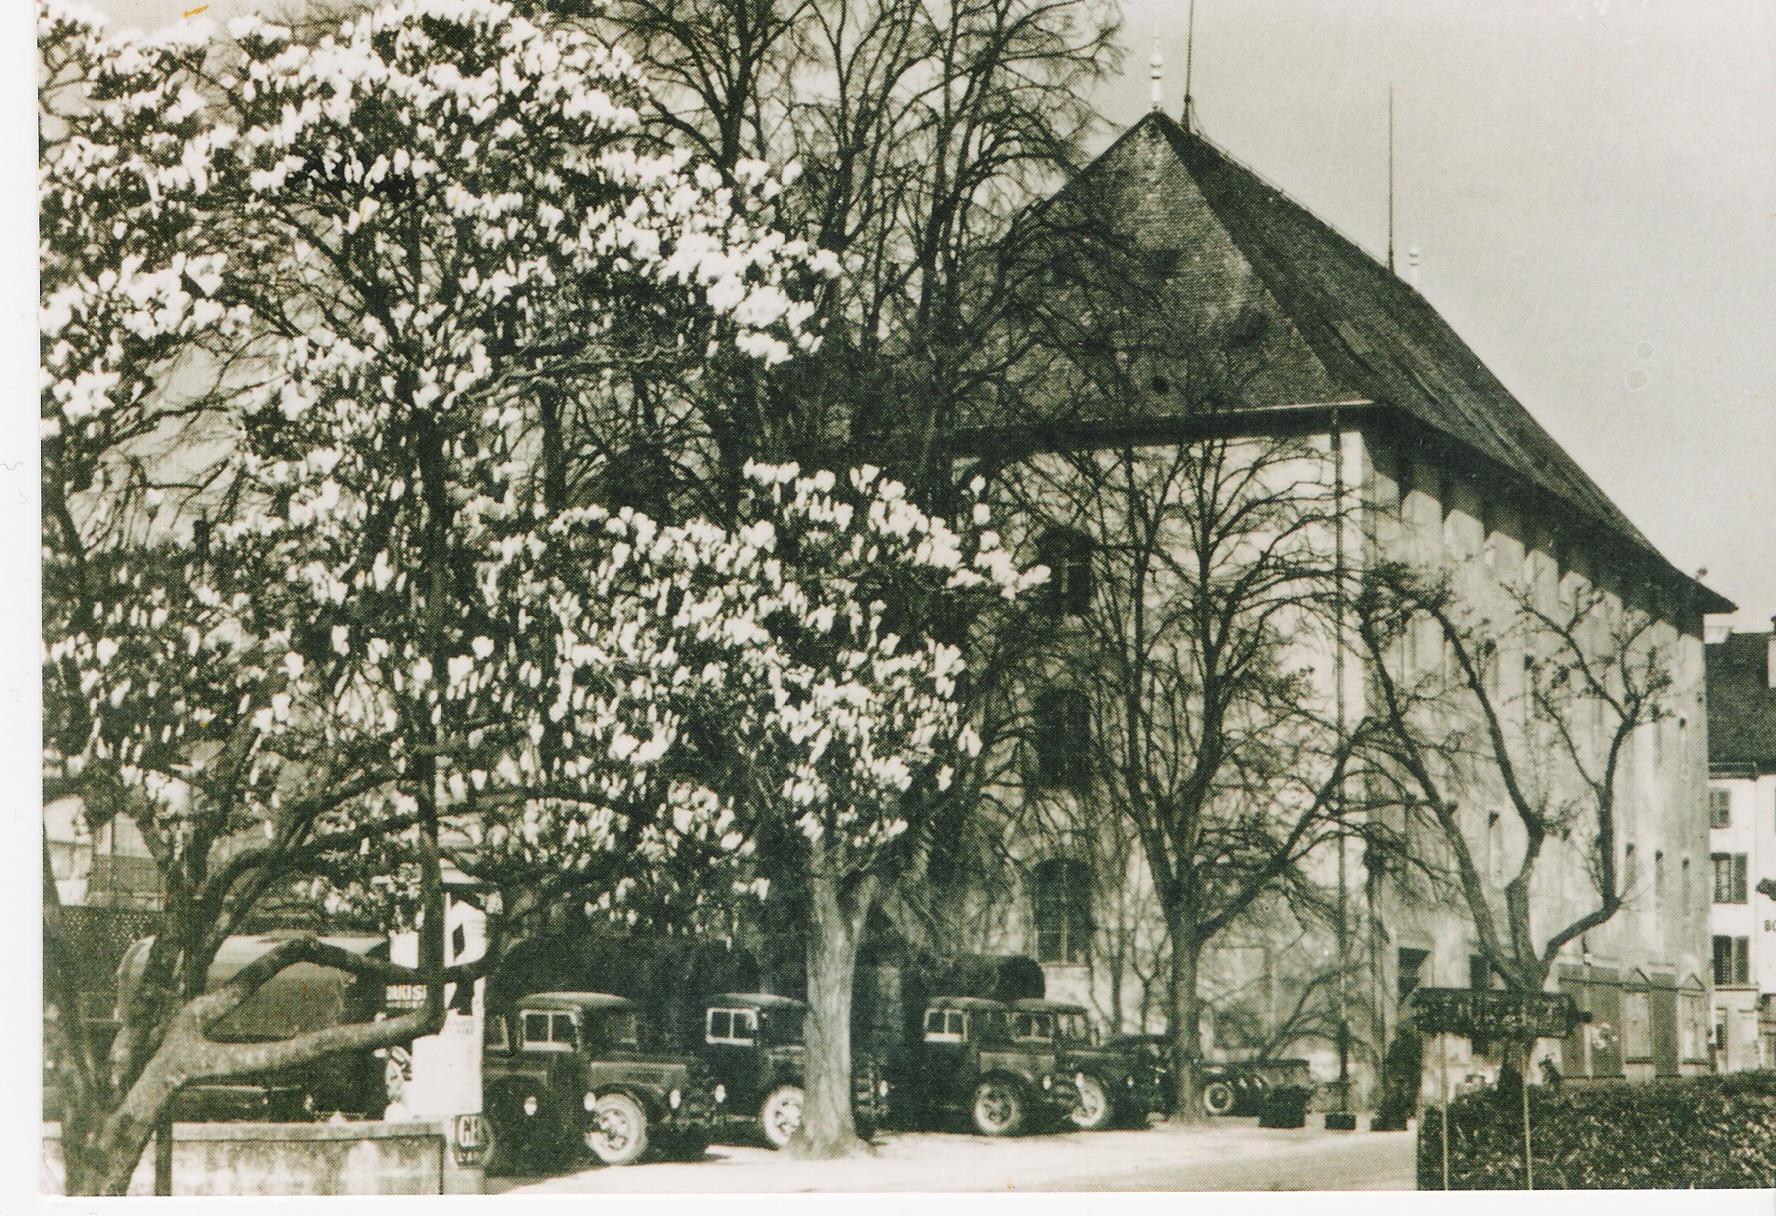 4-1955-caserne300dpi